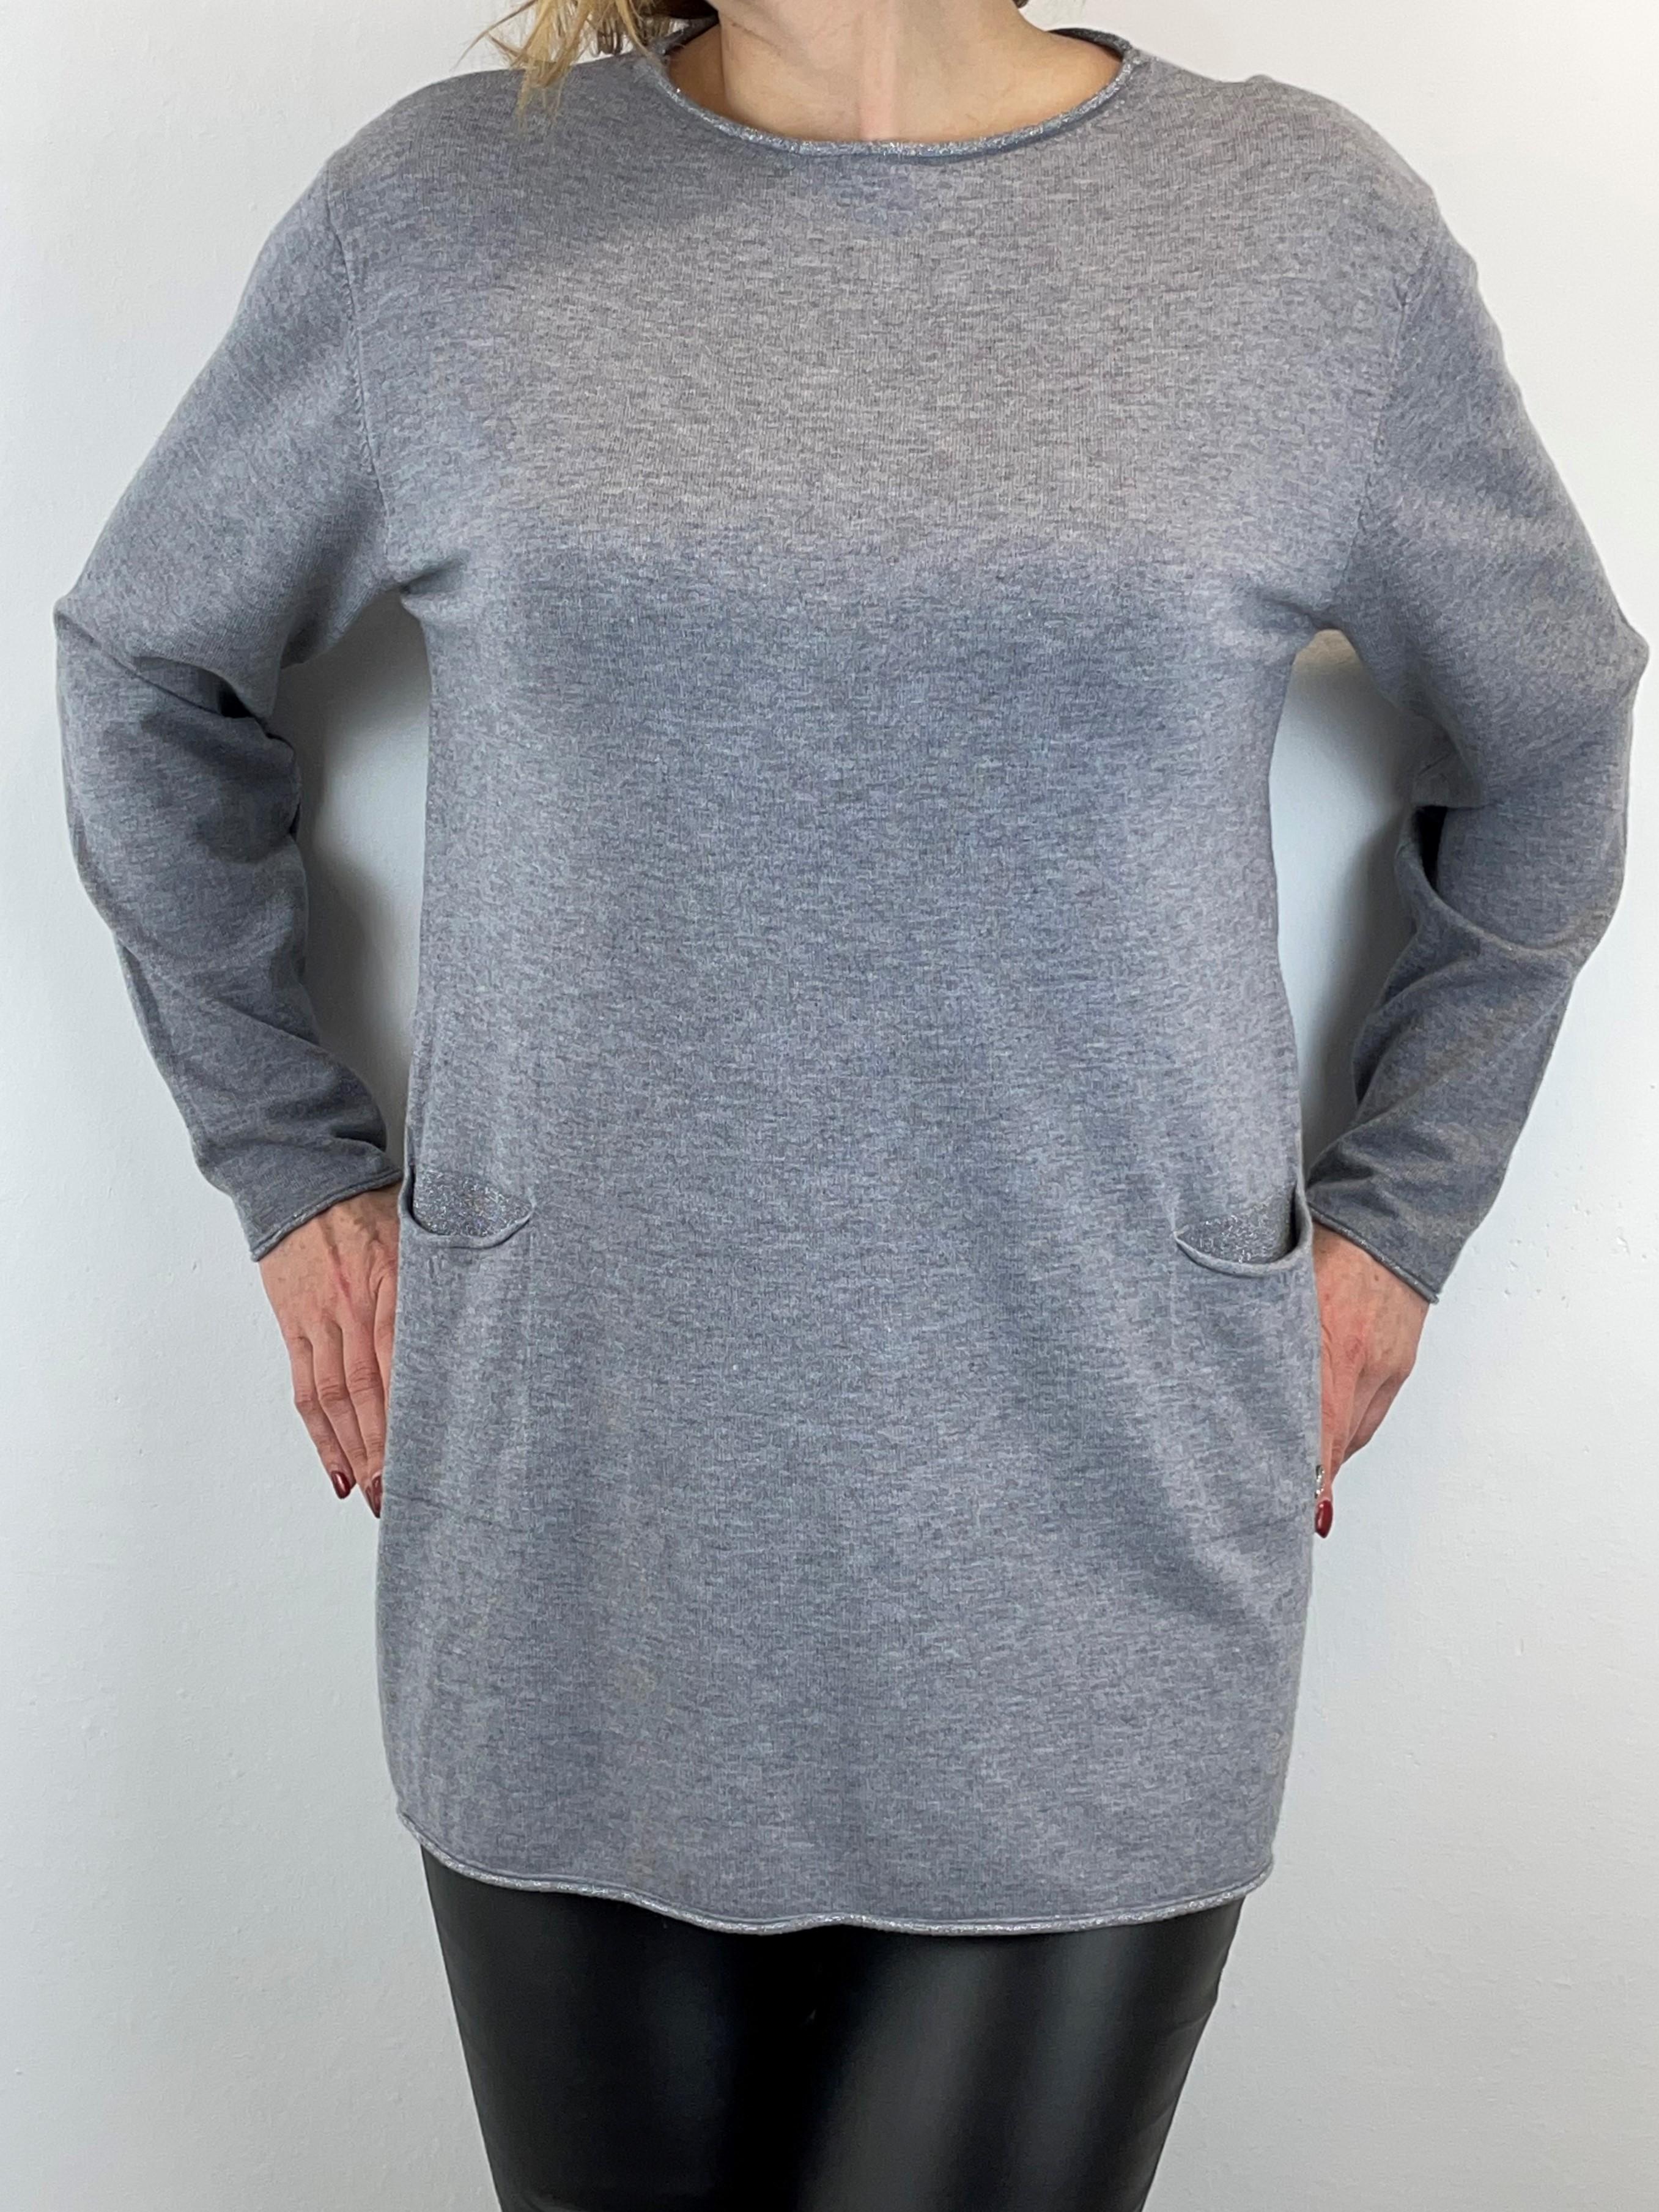 Grauer Pullover mit Knöpfe am Rückenteil